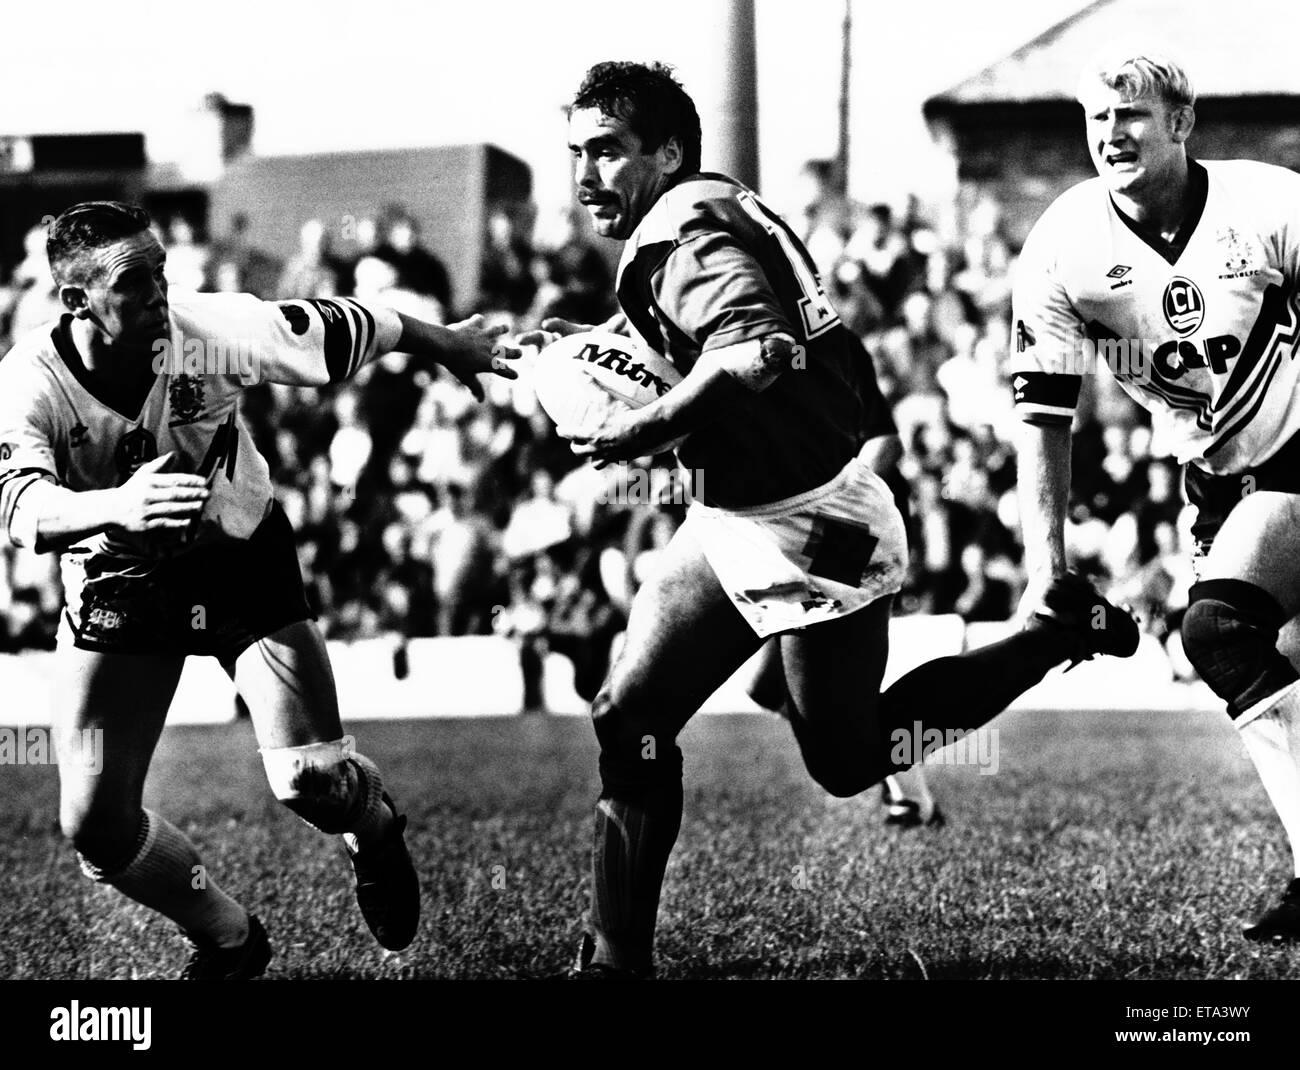 Wides 12-24 Bradford Northern Rugby Spiel. 21. September 1992. Stockfoto